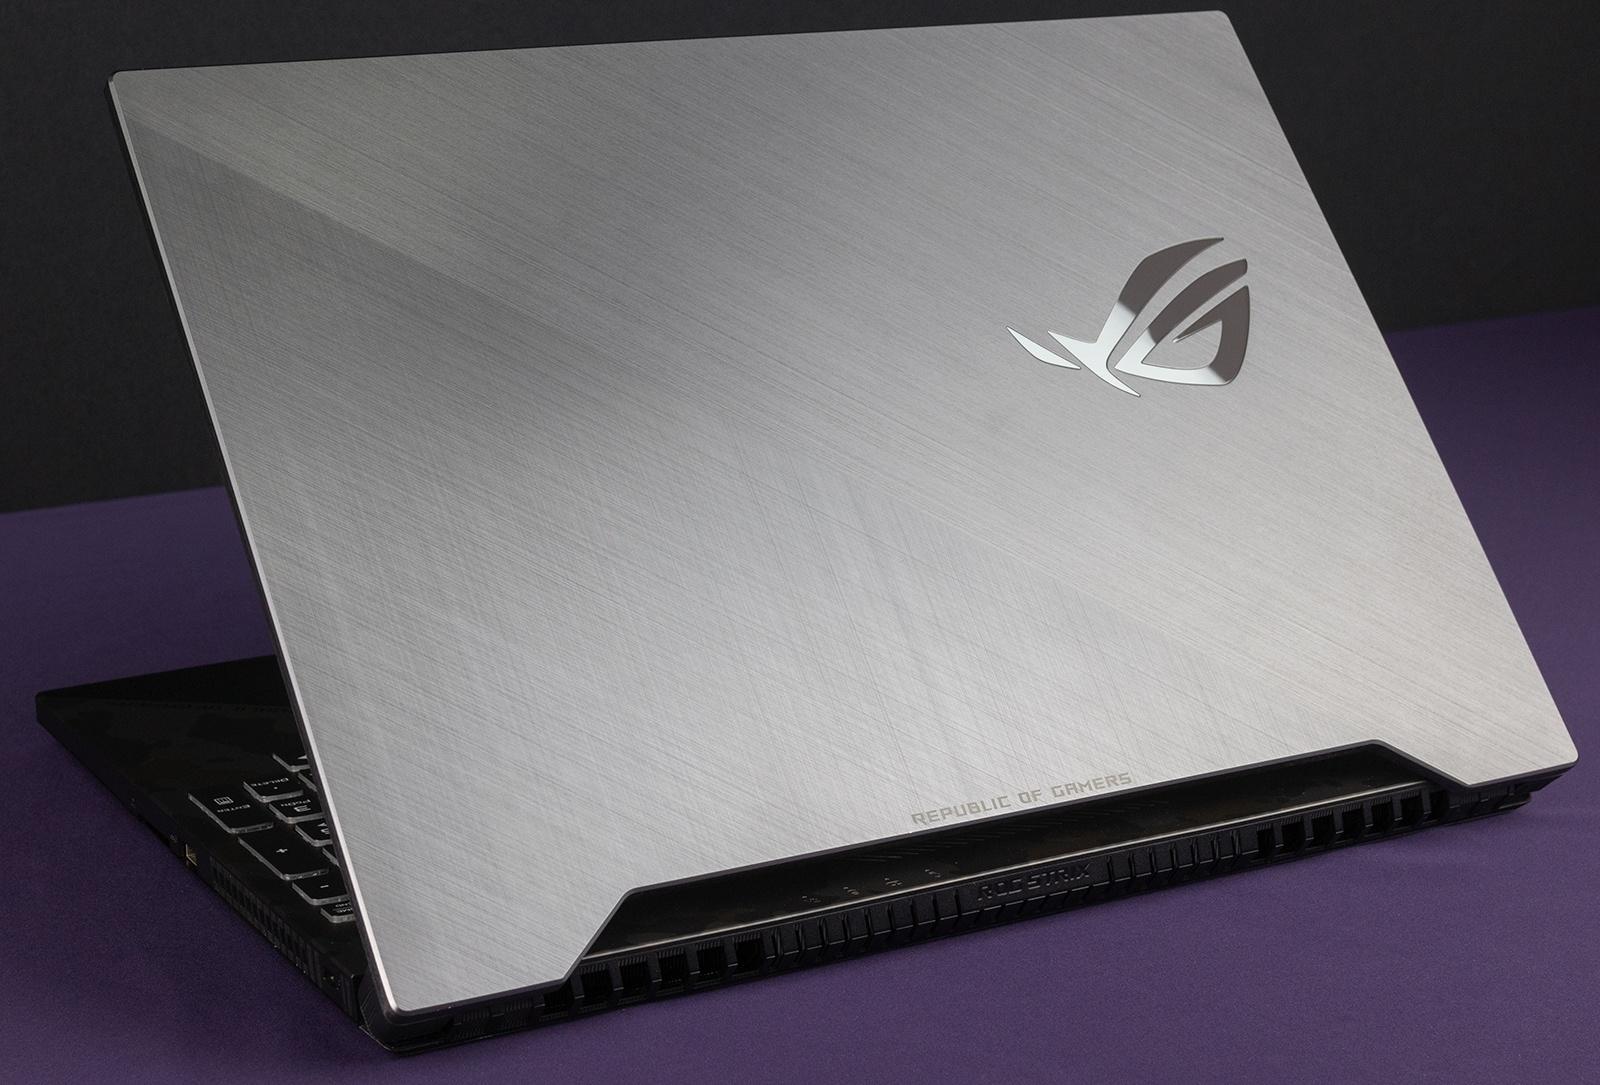 Обзор игровых ноутбуков ASUS ROG Strix GL504GS SCAR II и ASUS ROG Strix GL504GM HERO II - 19